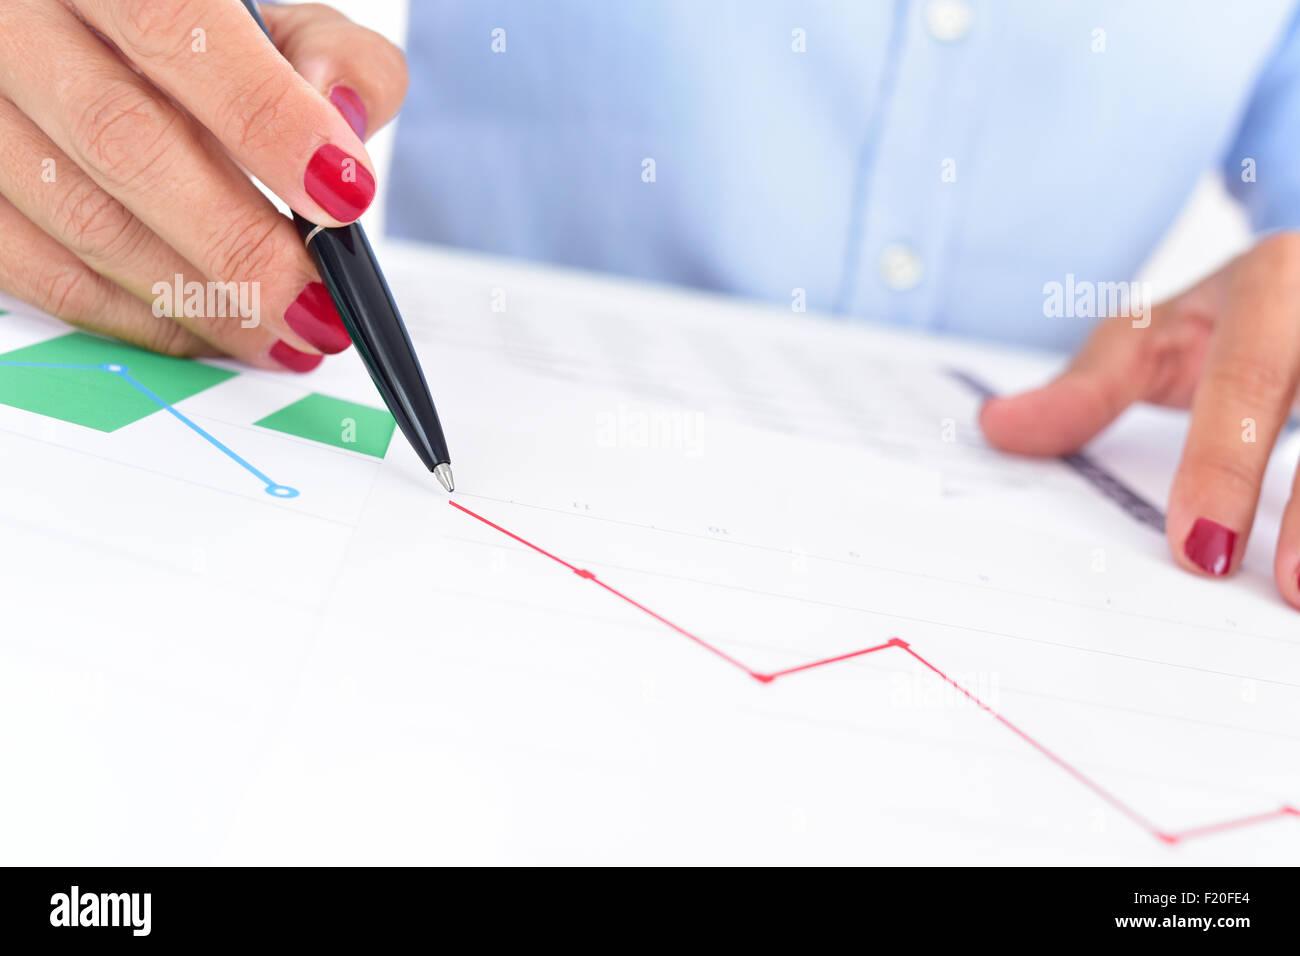 Nahaufnahme von einer Geschäftsfrau an ihrem Schreibtisch voller Grafiken und Diagramme, beobachtet eine Diagramm Stockbild